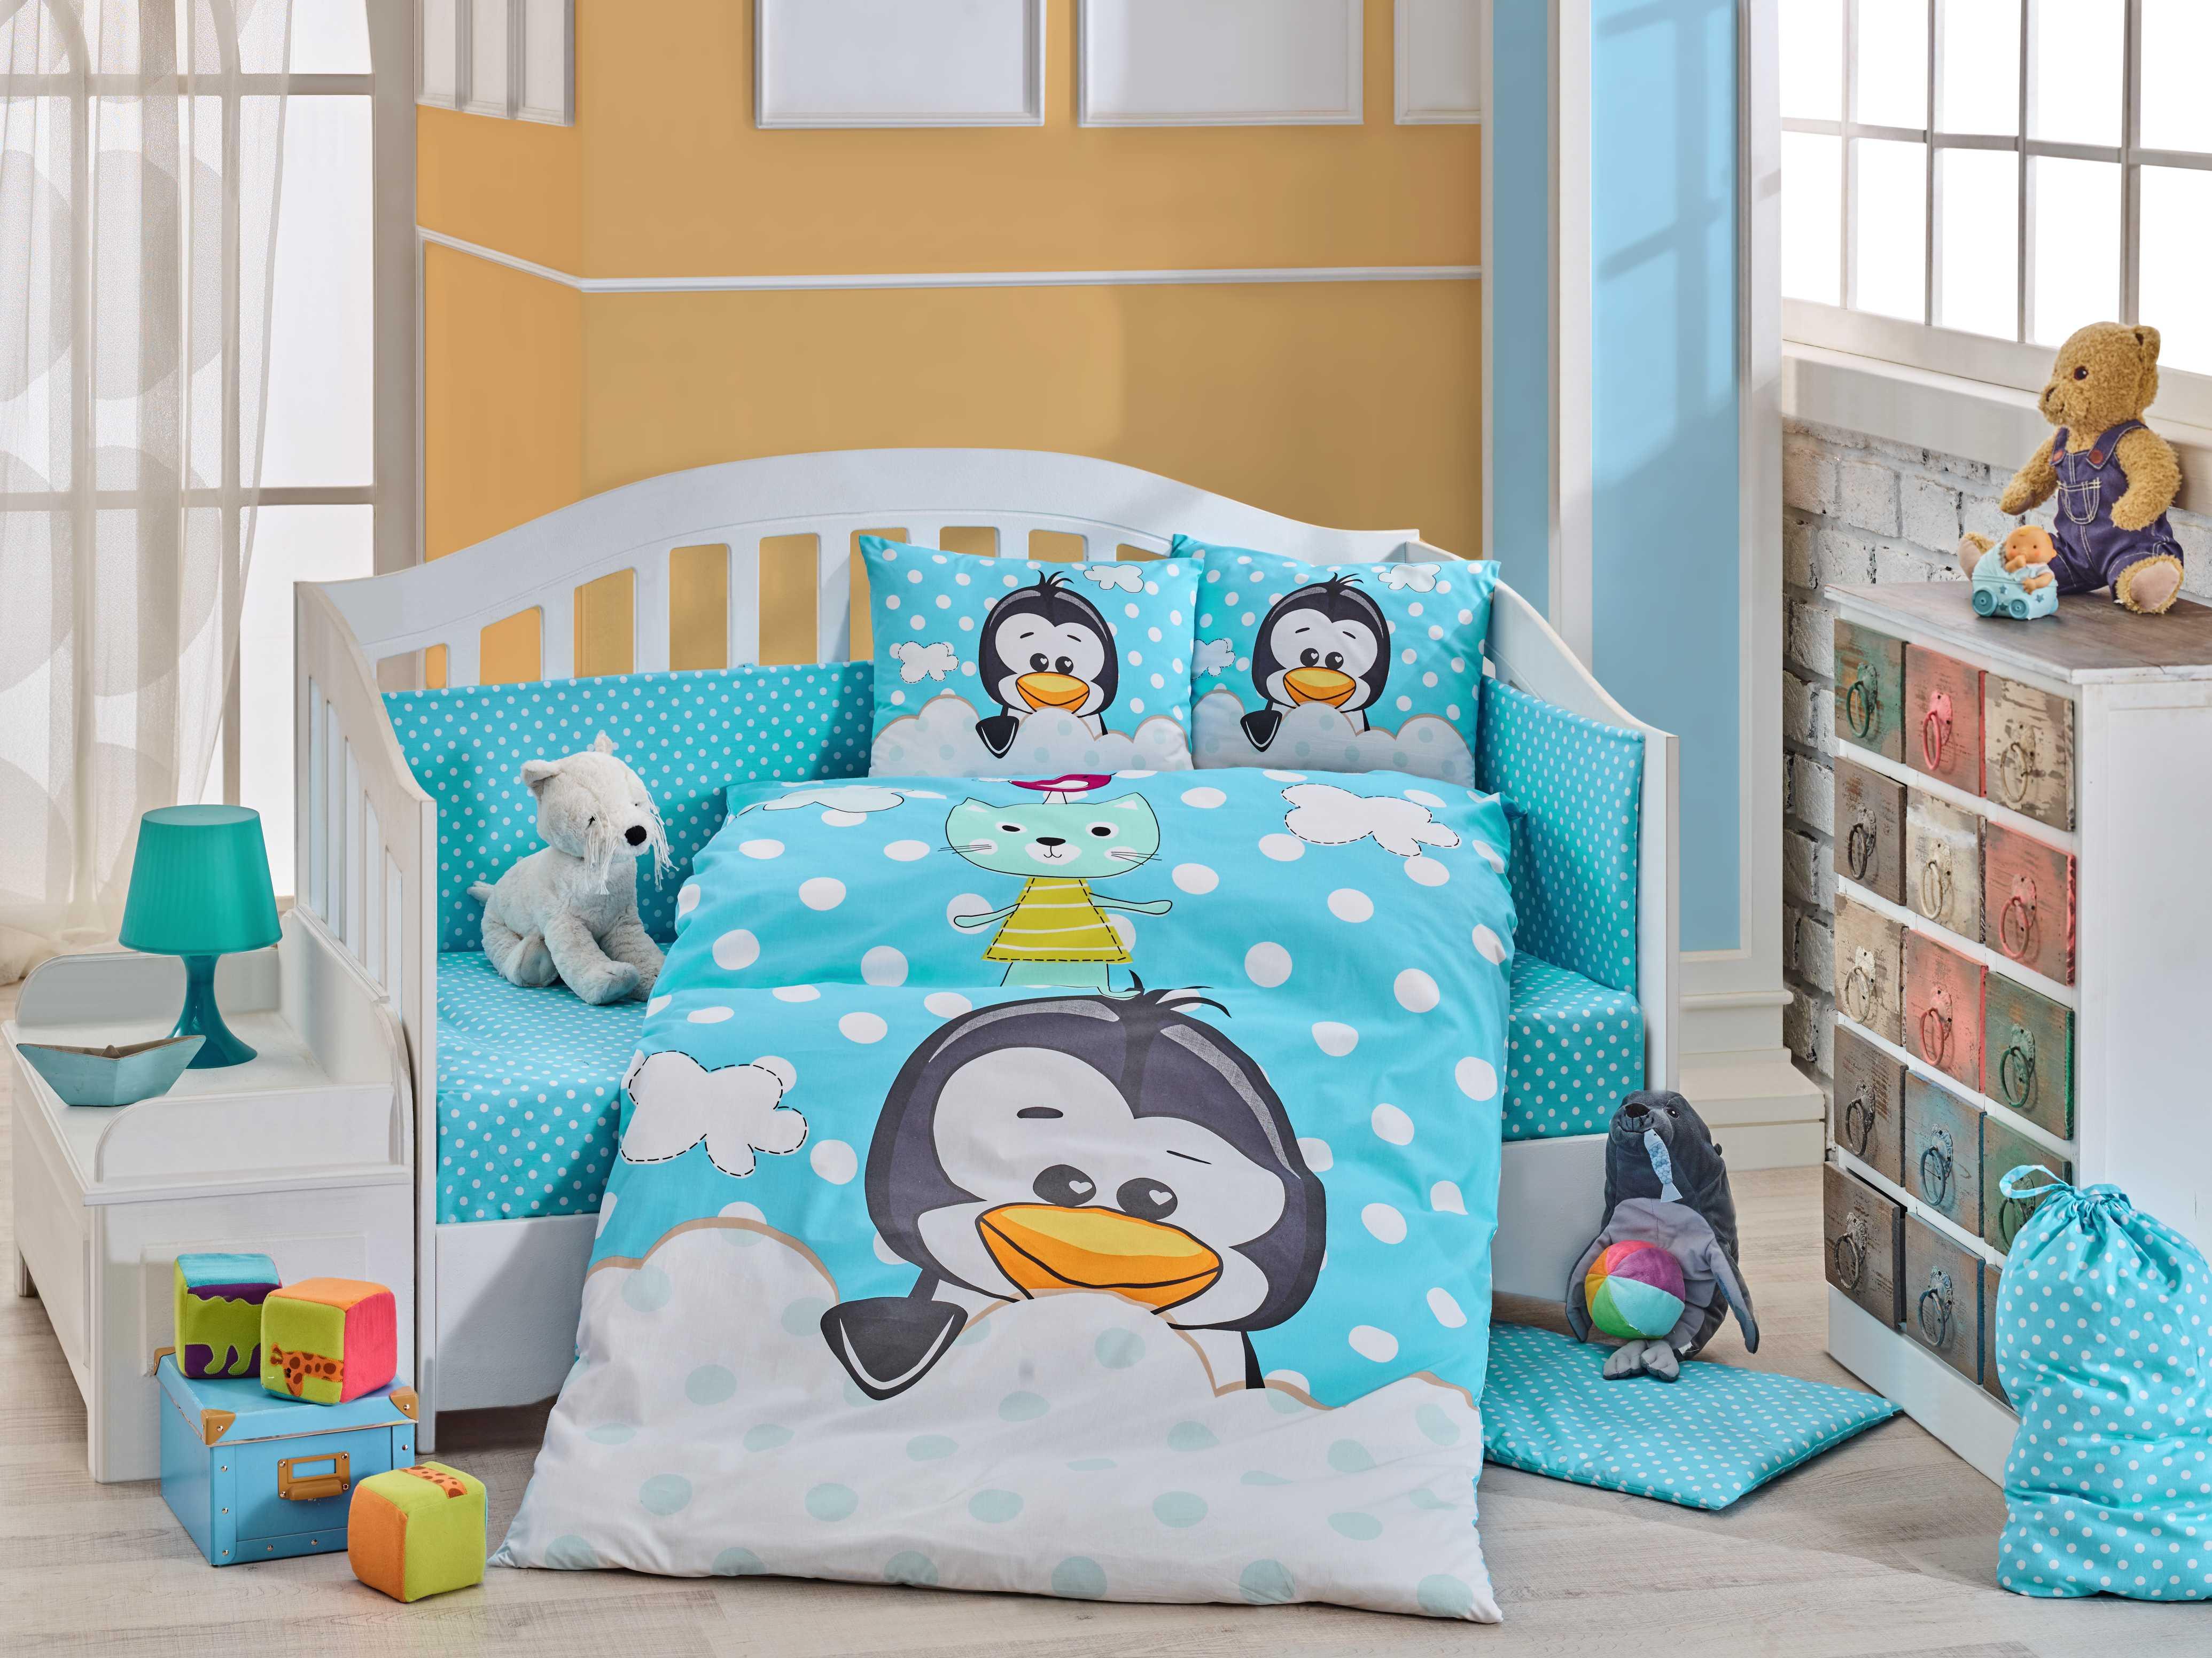 Комплект детского постельного белья Hobby Home Collection Penguin, наволочки 40x60, цвет: синий комплект постельного белья michelle home textiles kdbb